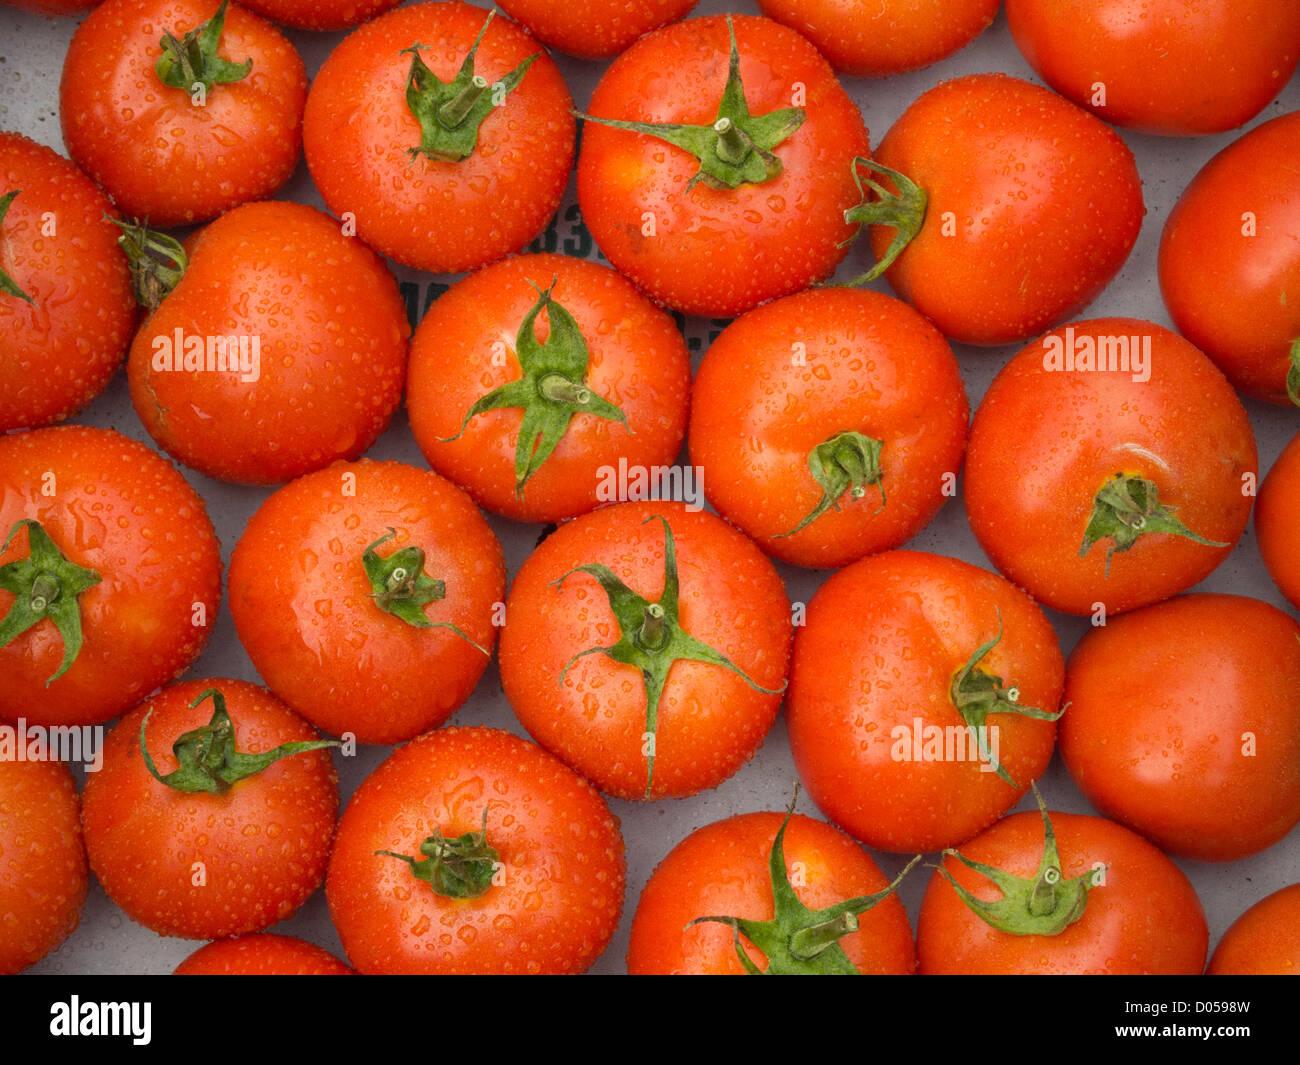 Heirloom Tomatoes - Stock Image